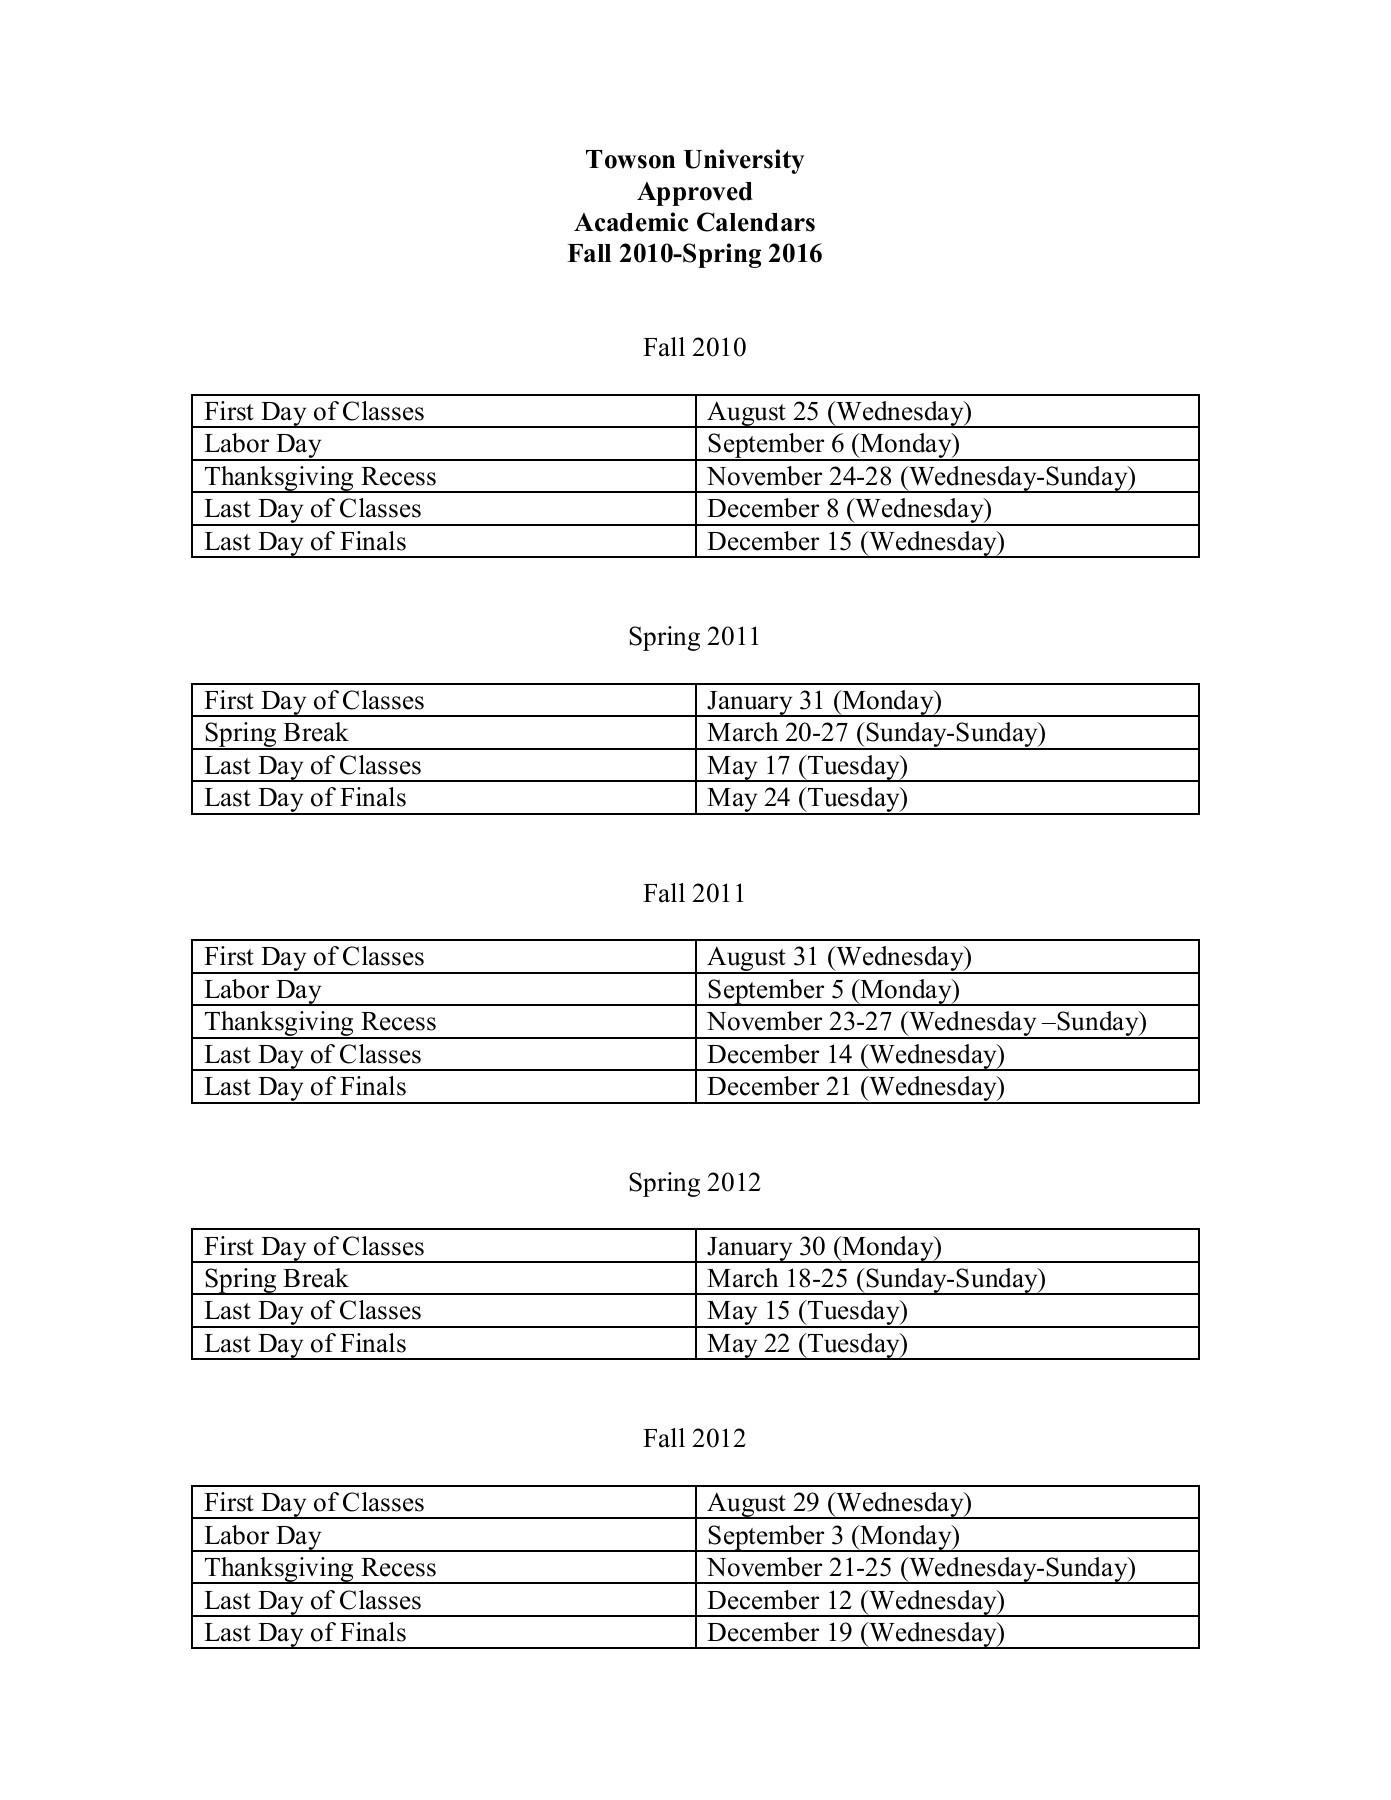 Towson Academic Calendar